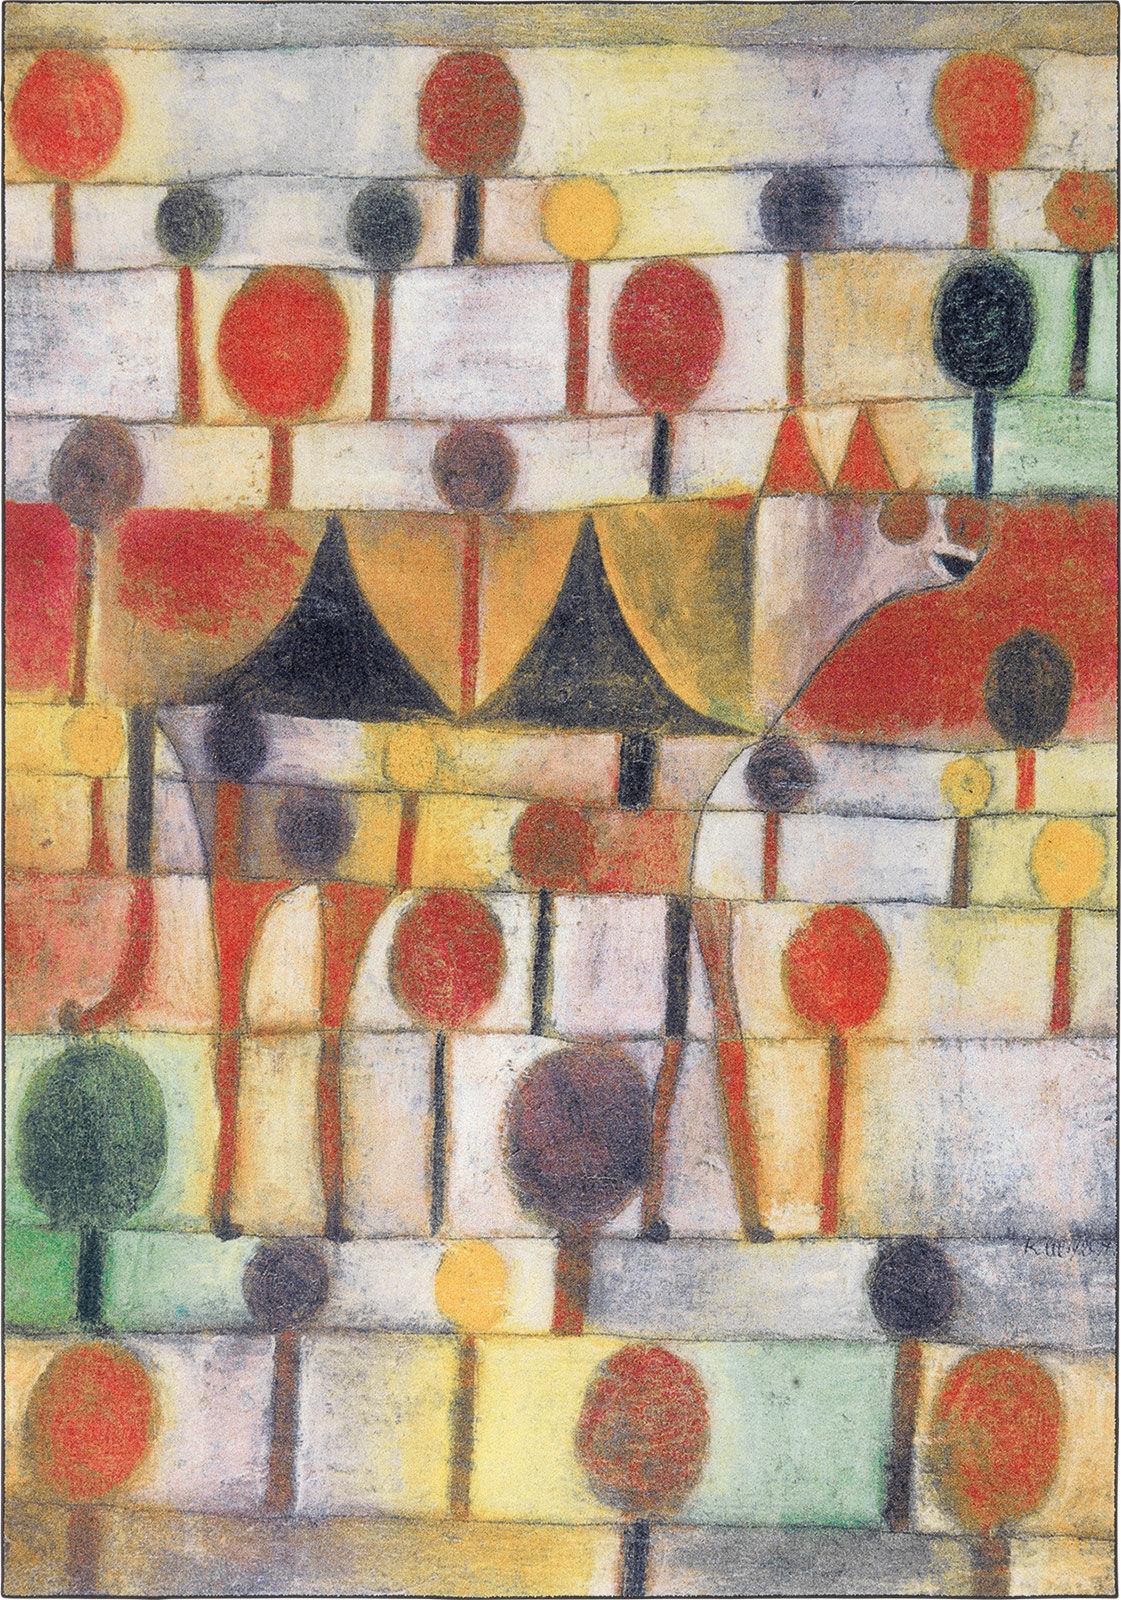 Teppich Kamel in rhythmischer Baumlandschaft, Paul Klee